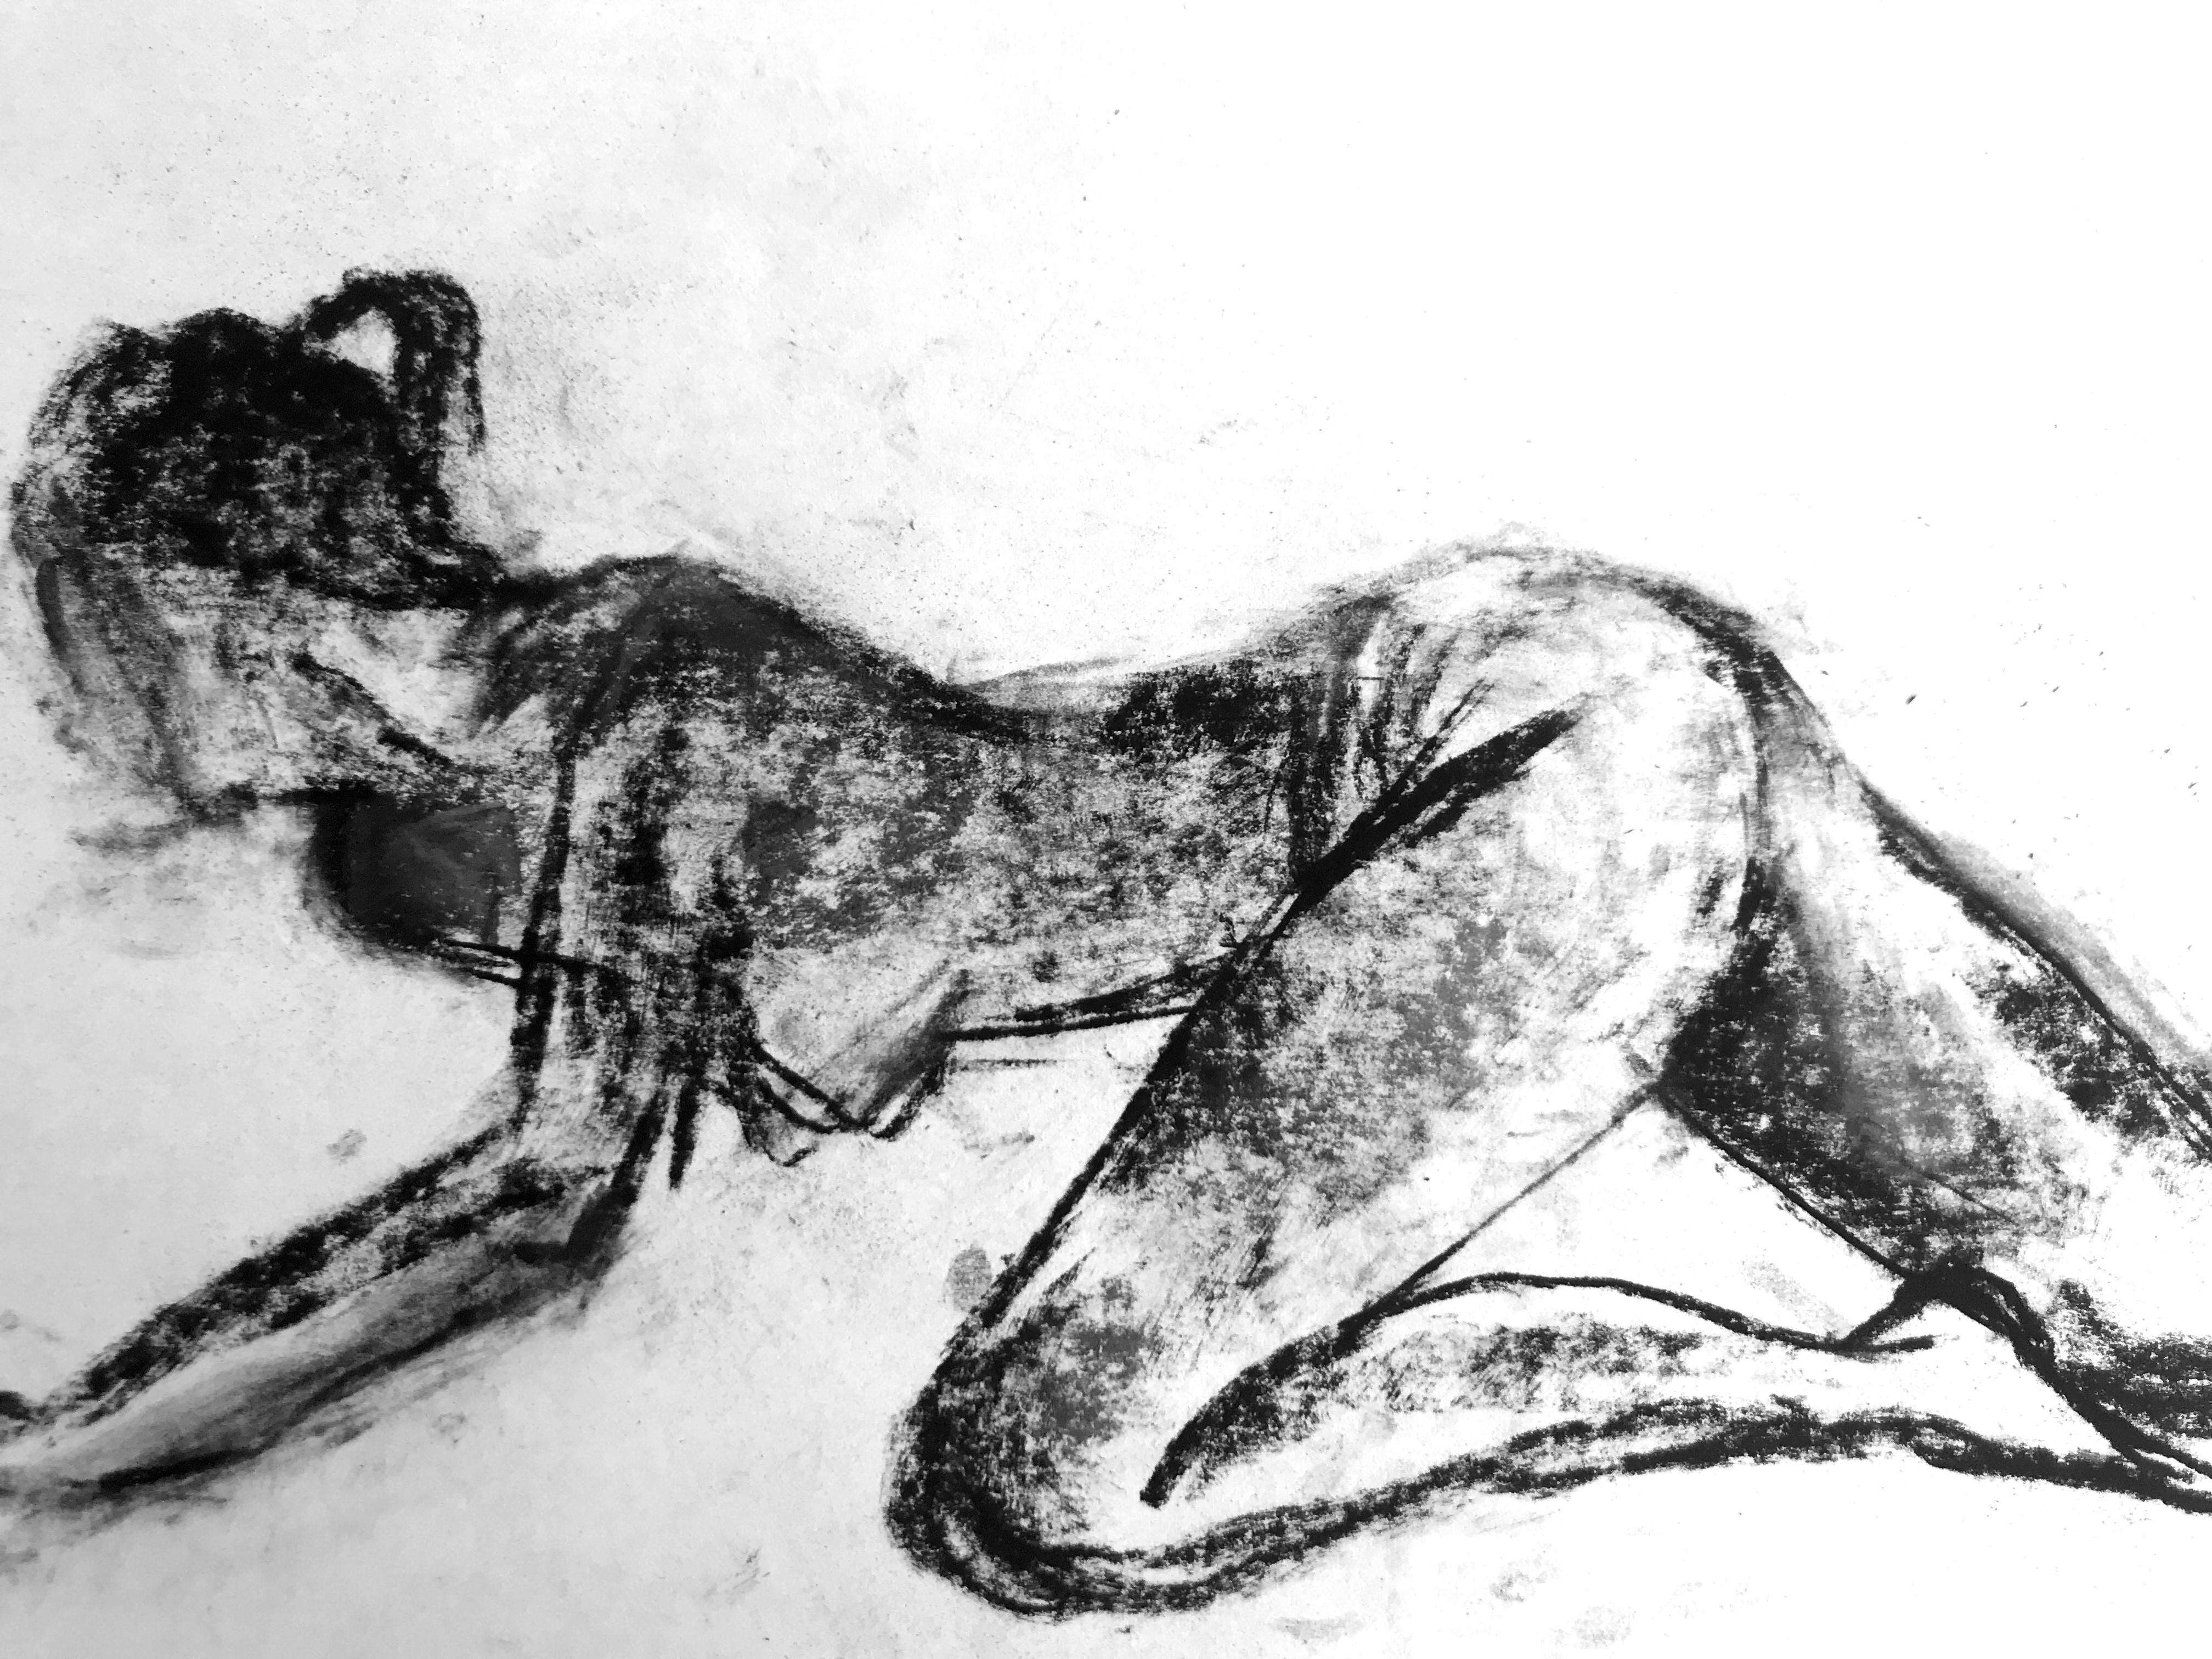 Fusain sur papier esquisse femme  cours de dessin